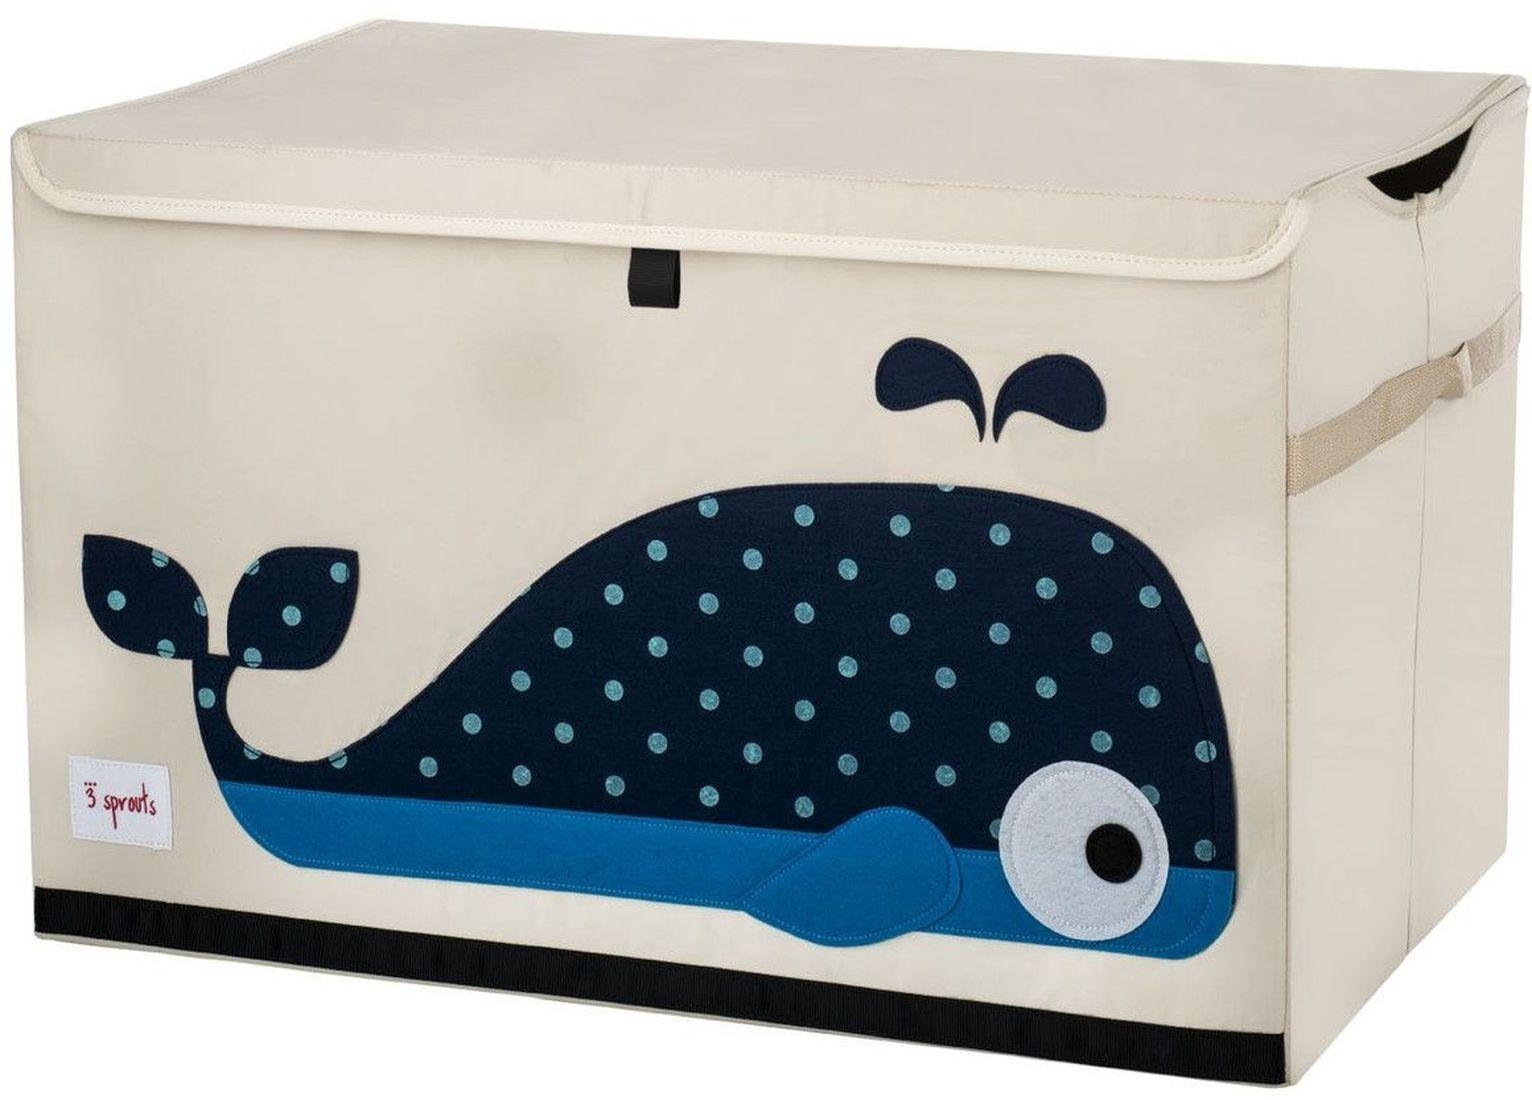 3 sprouts aufbewahrungsbox wal bestseller shop alles rund um spielwaren und camping. Black Bedroom Furniture Sets. Home Design Ideas